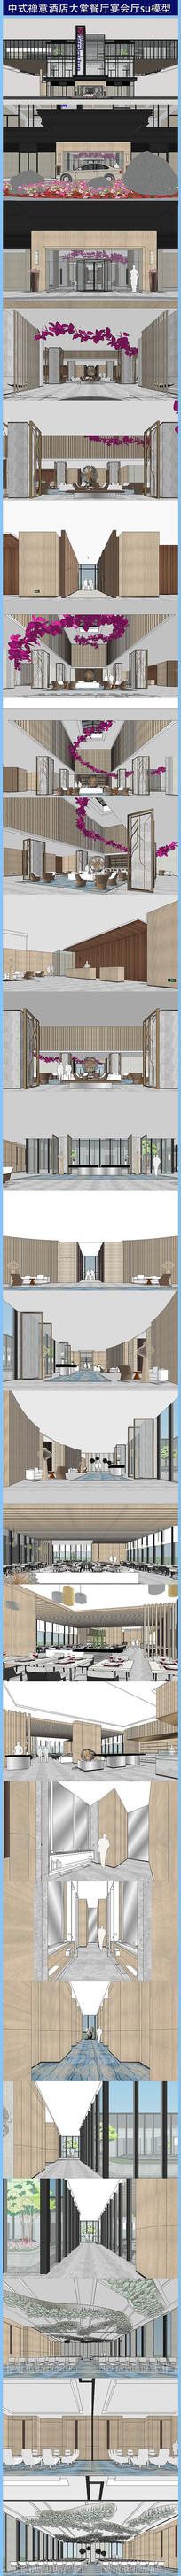 中式禅意酒店大堂餐厅宴会厅su模型